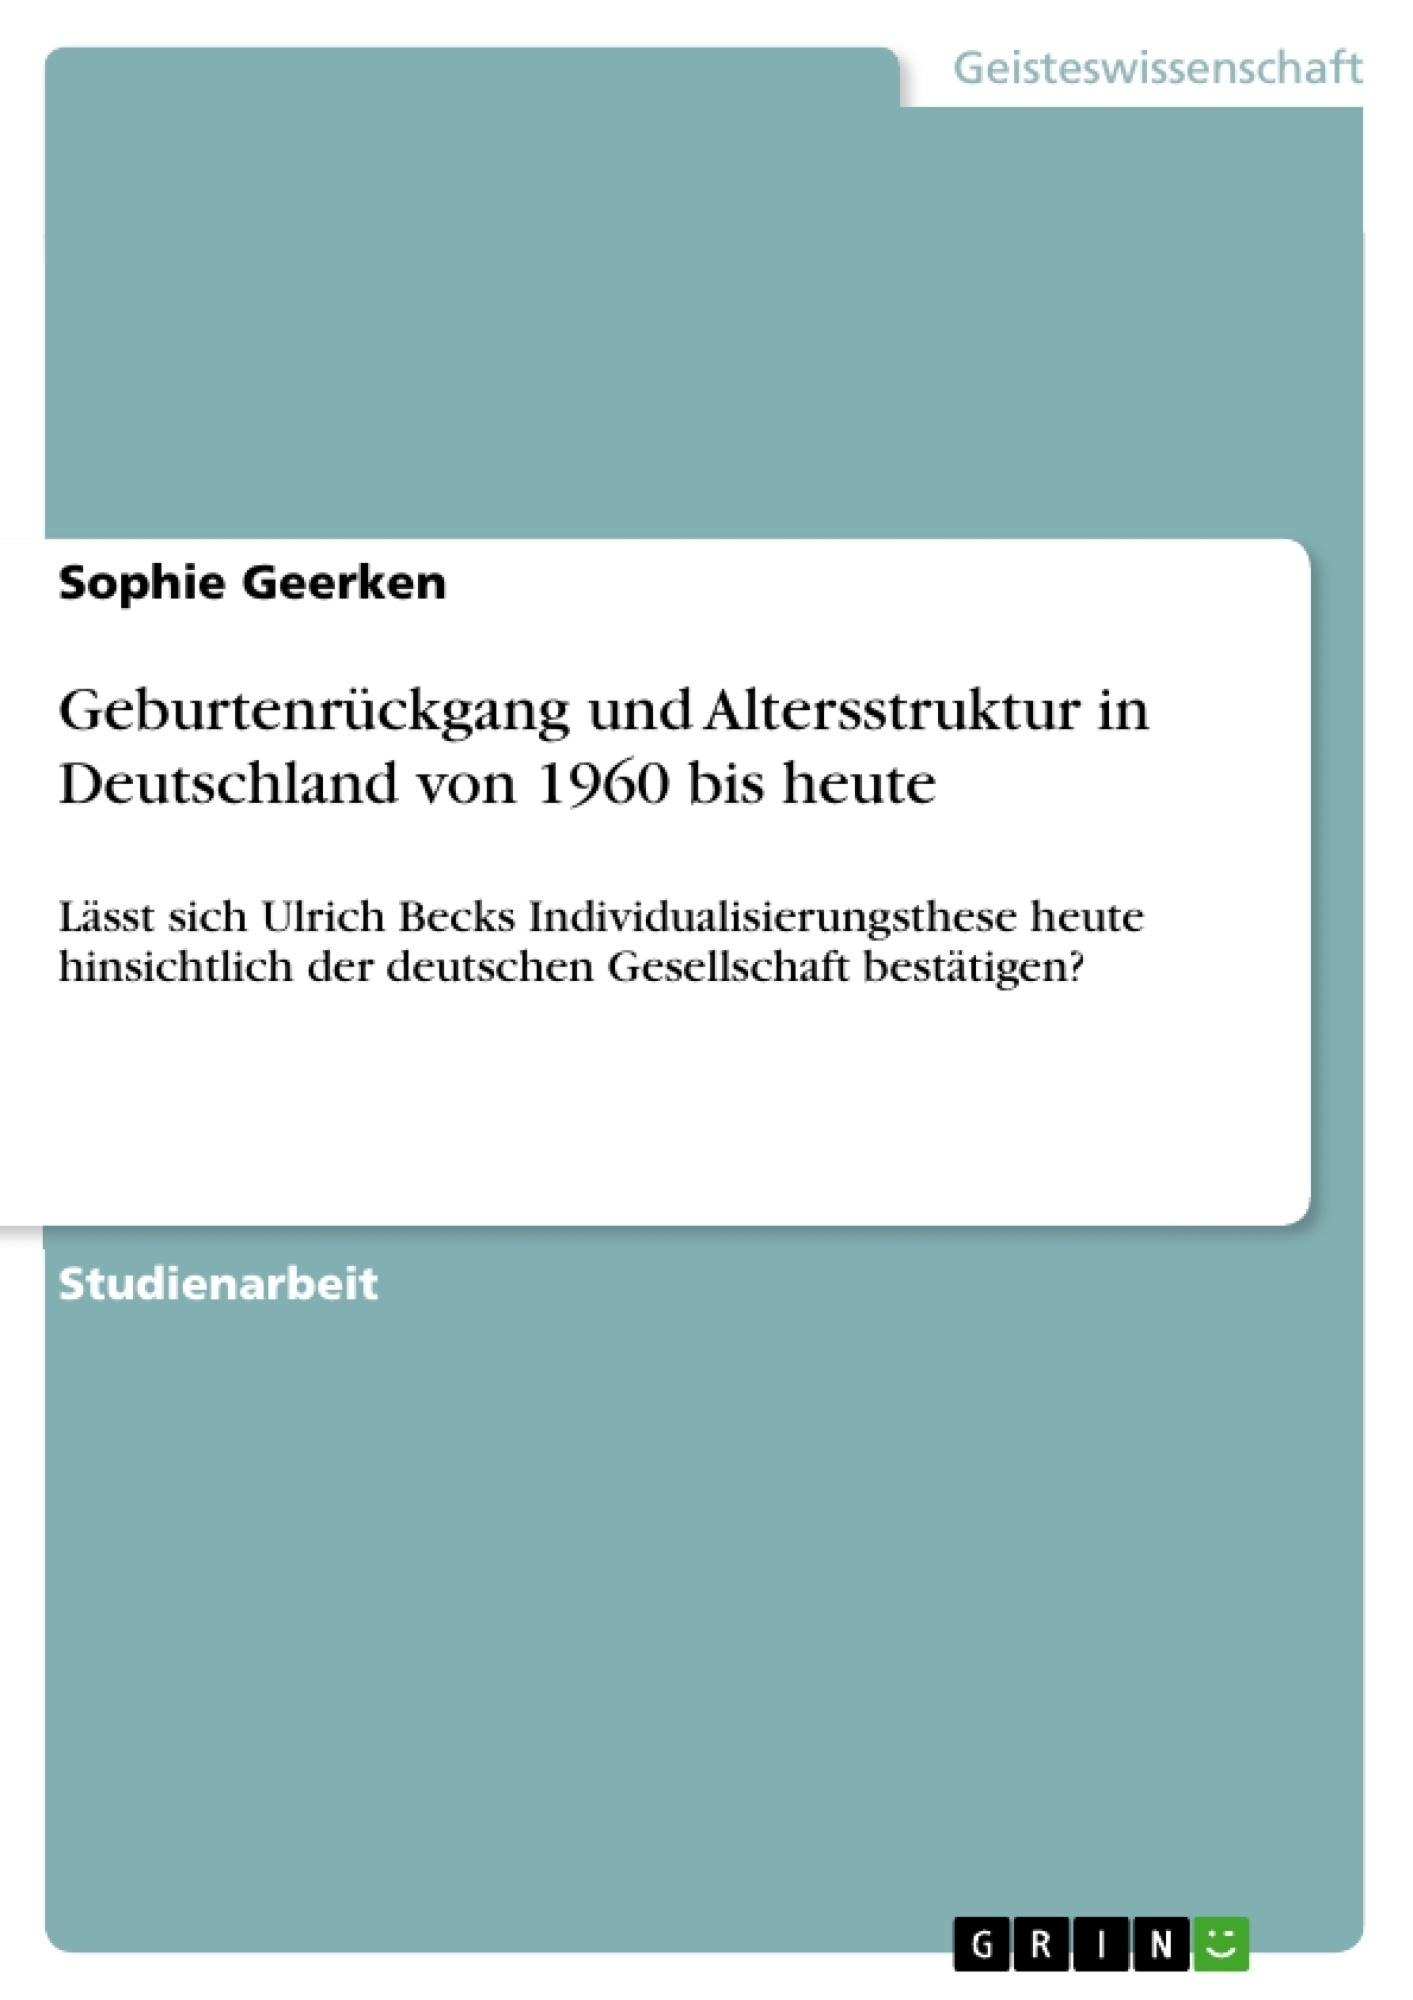 Titel: Geburtenrückgang und Altersstruktur in Deutschland von 1960 bis heute